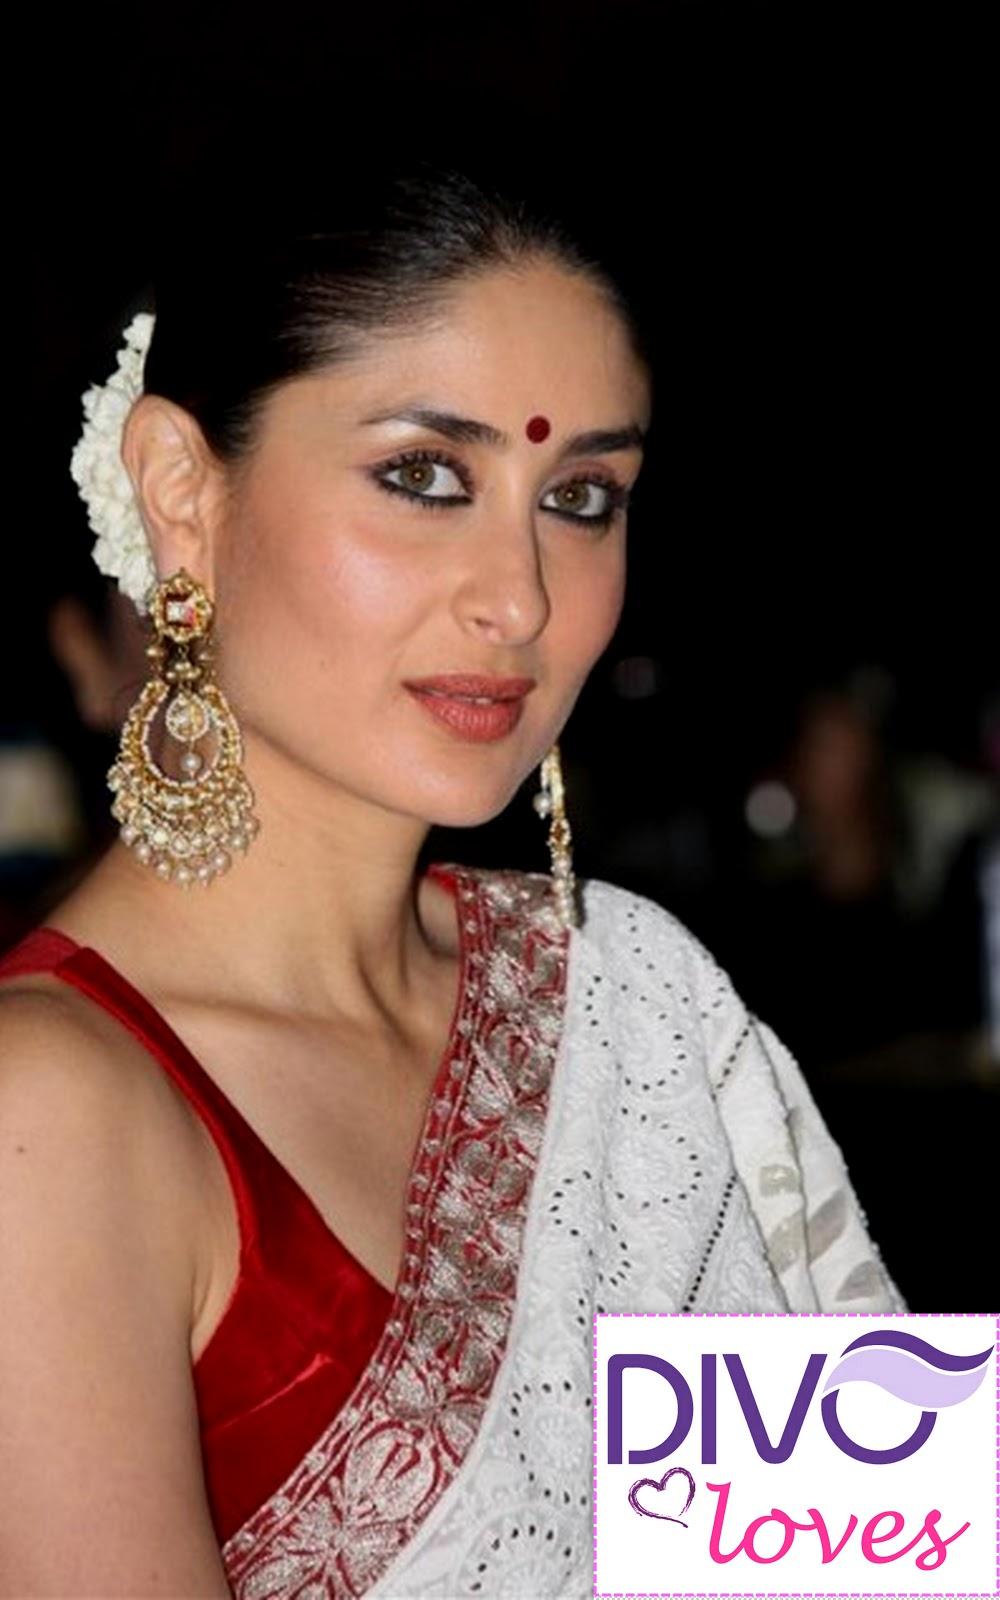 The Divo Diaries Divo Loves Kareena Kapoor At Ndtv Indian Of The